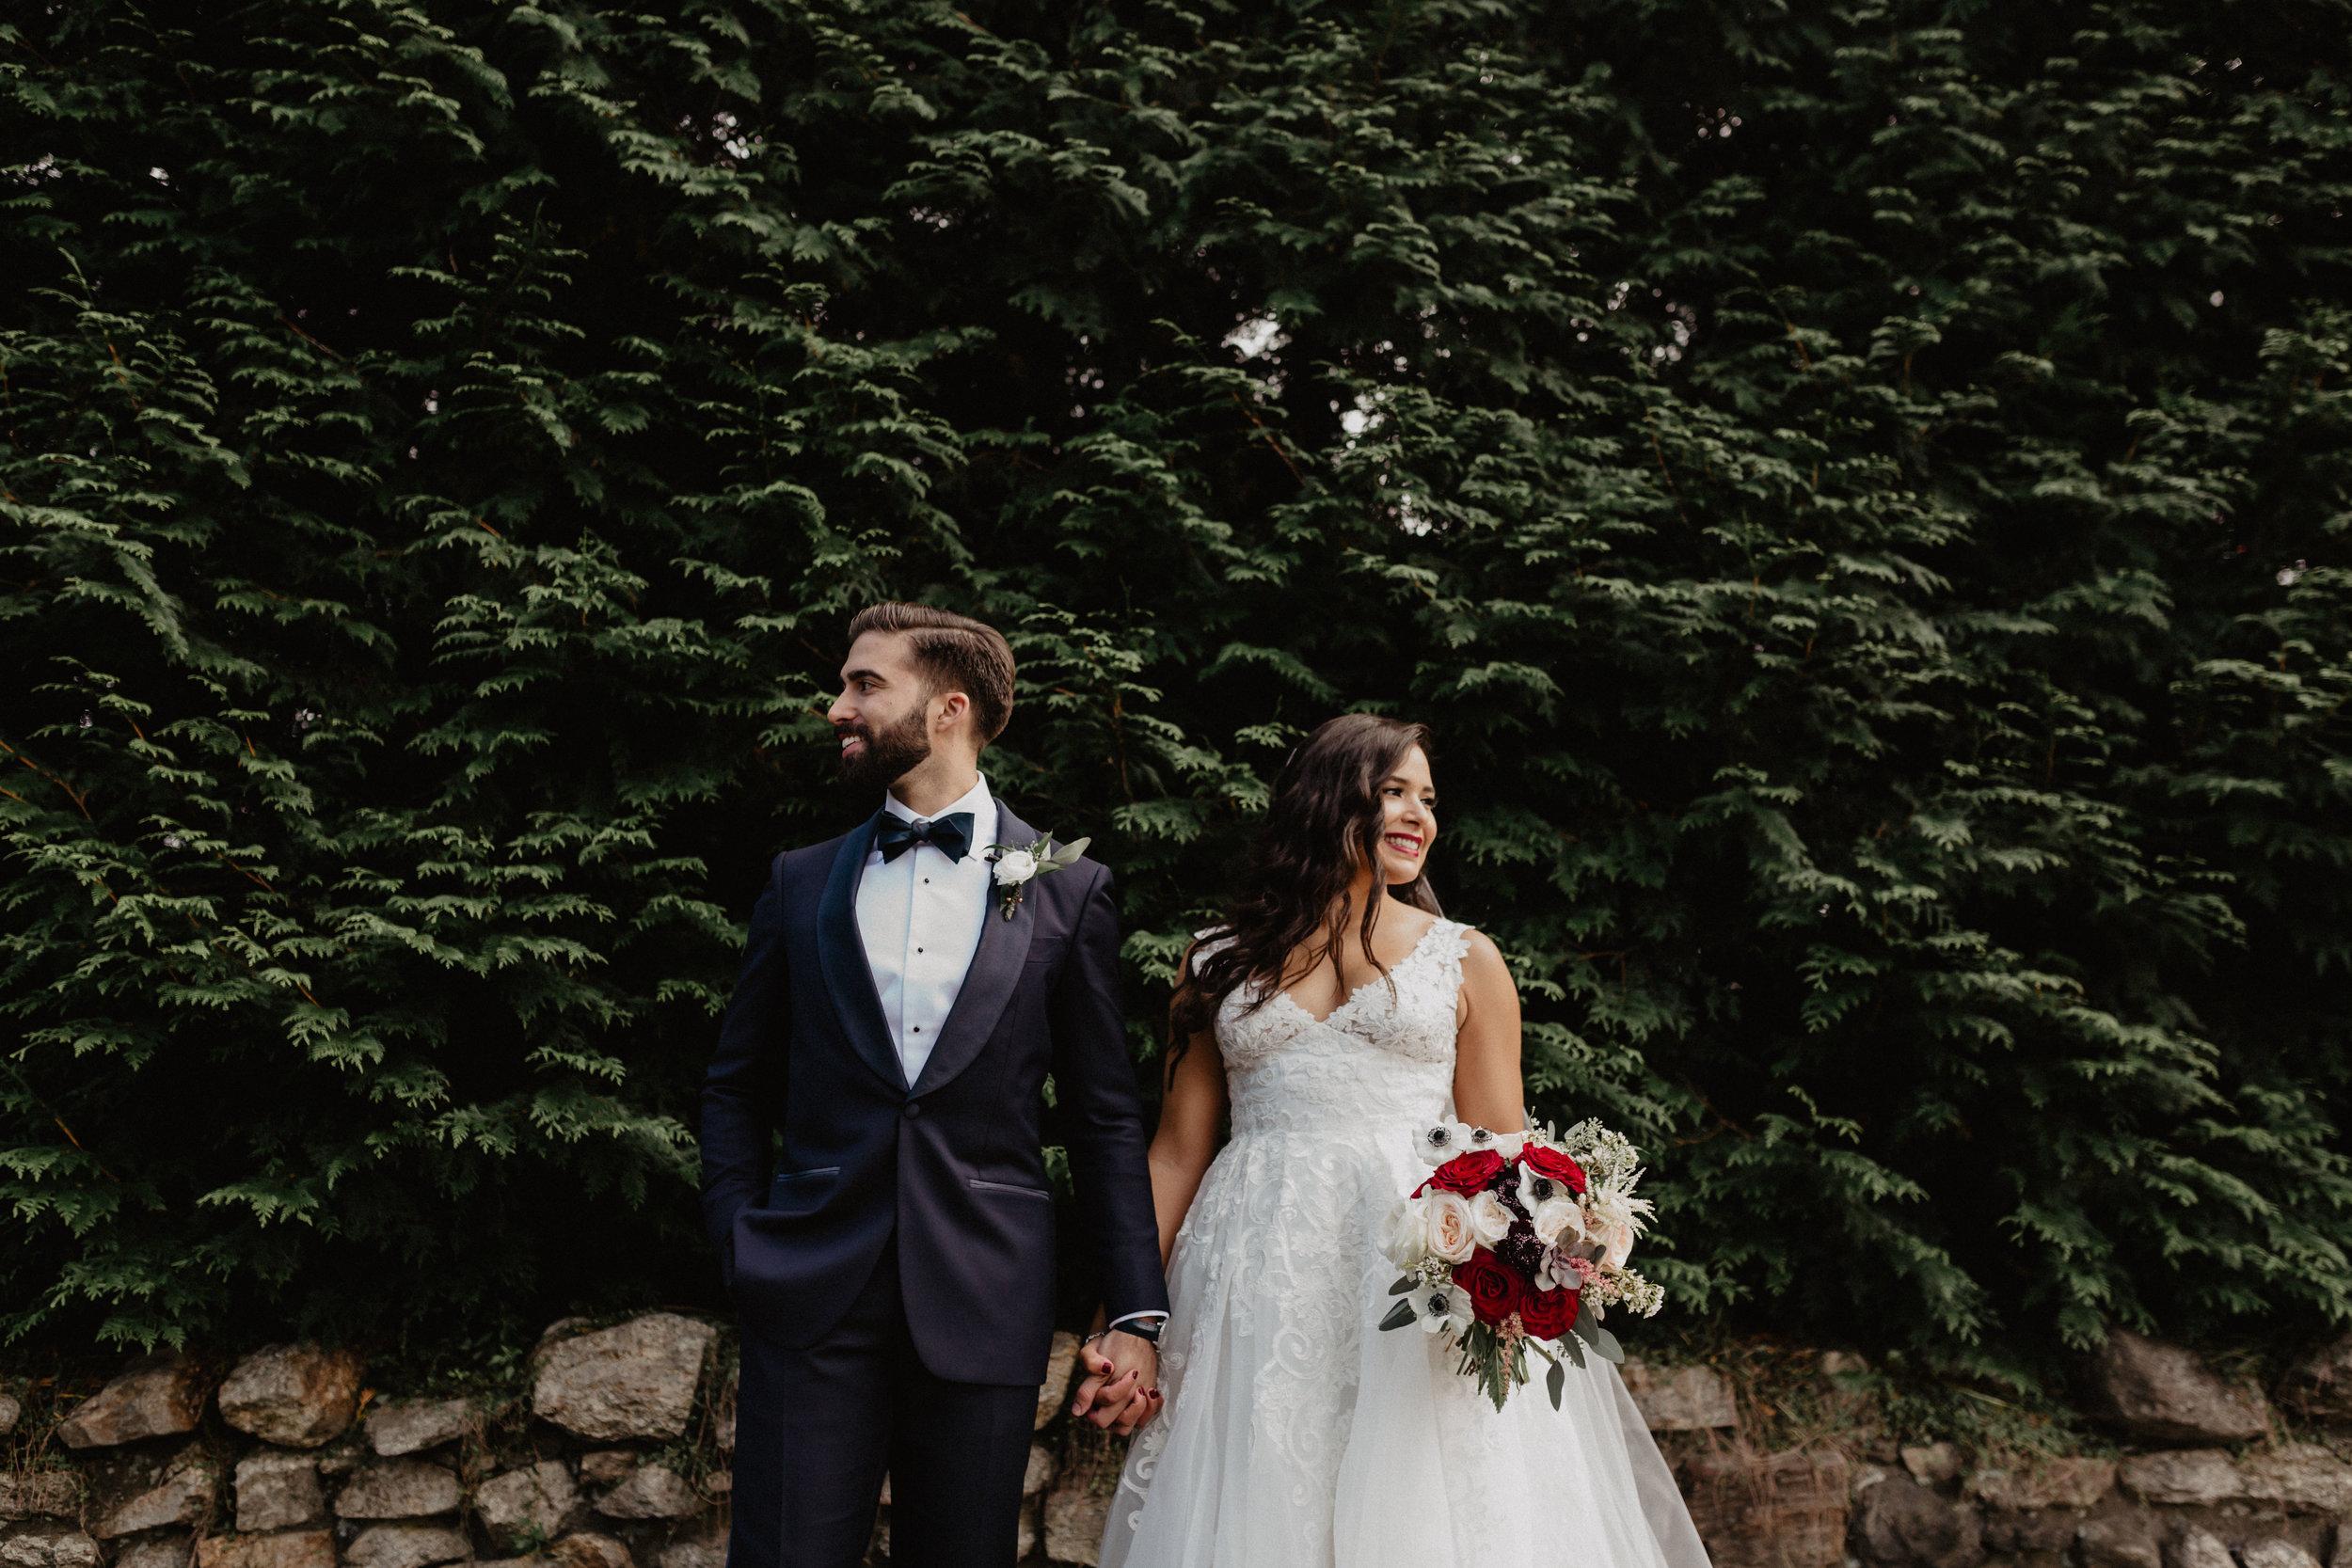 garrison_wedding_photos_038.jpg